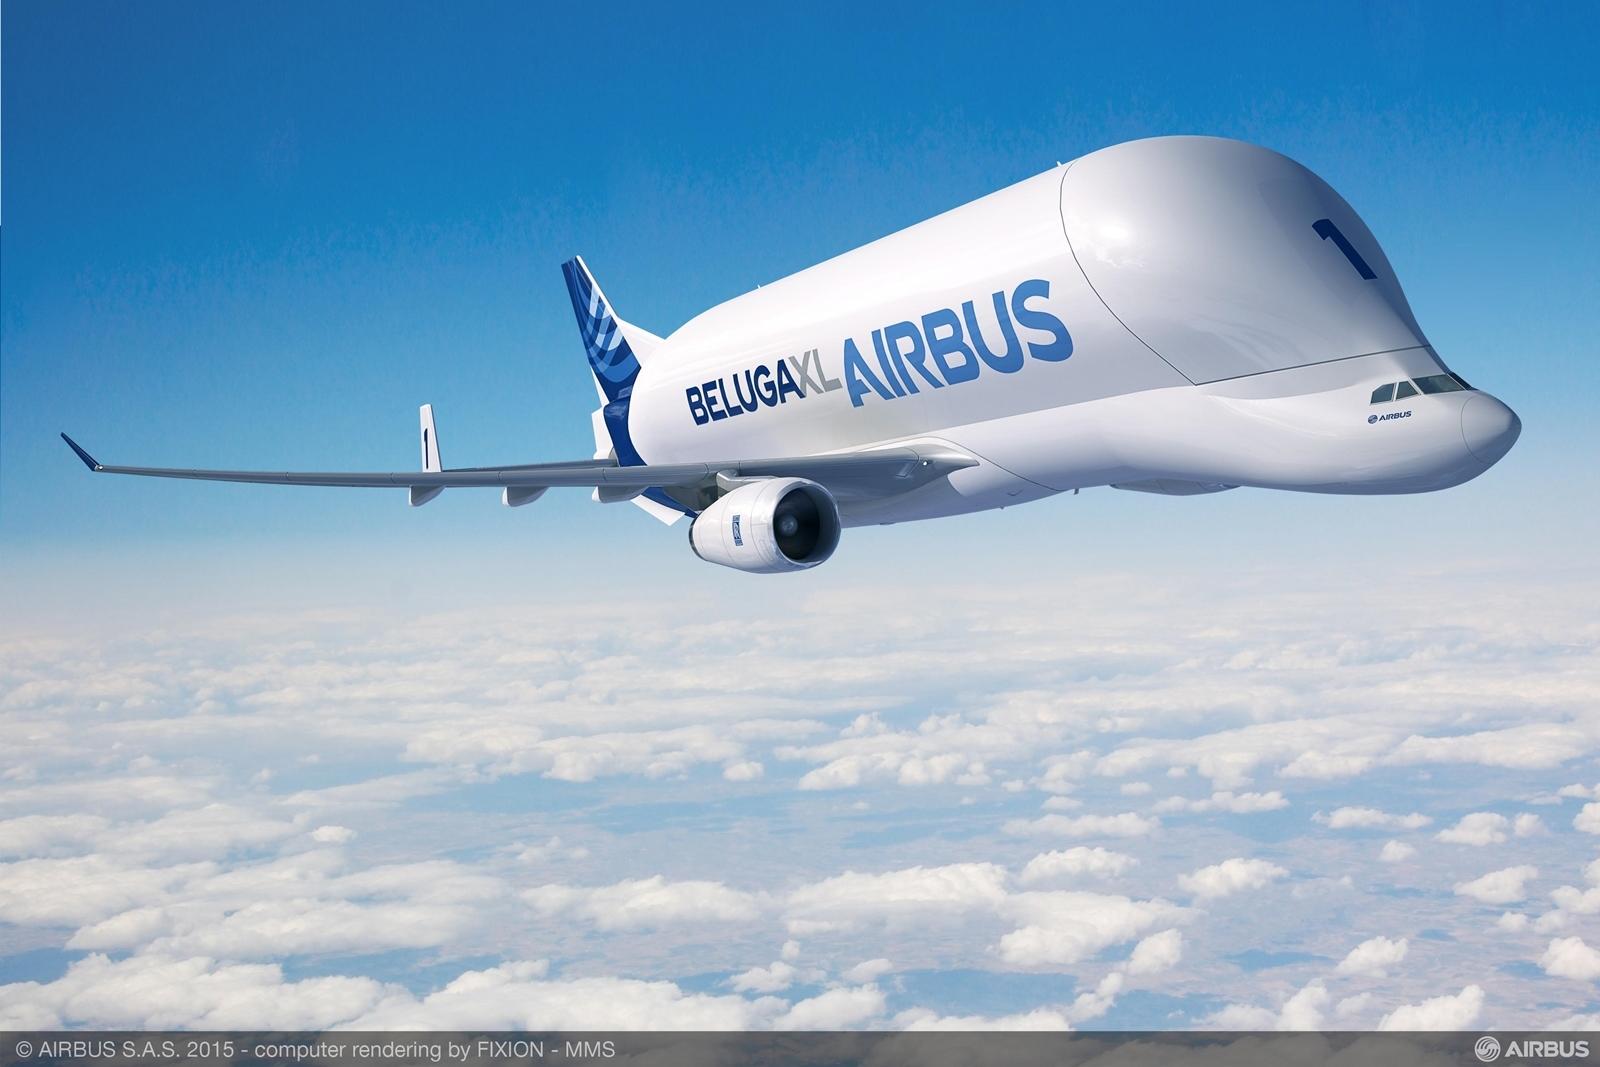 Beluga XL computer grafika, immáron Rolls-Royce logóval a hajtóművön. (Forrás: Airbus) | © AIRportal.hu